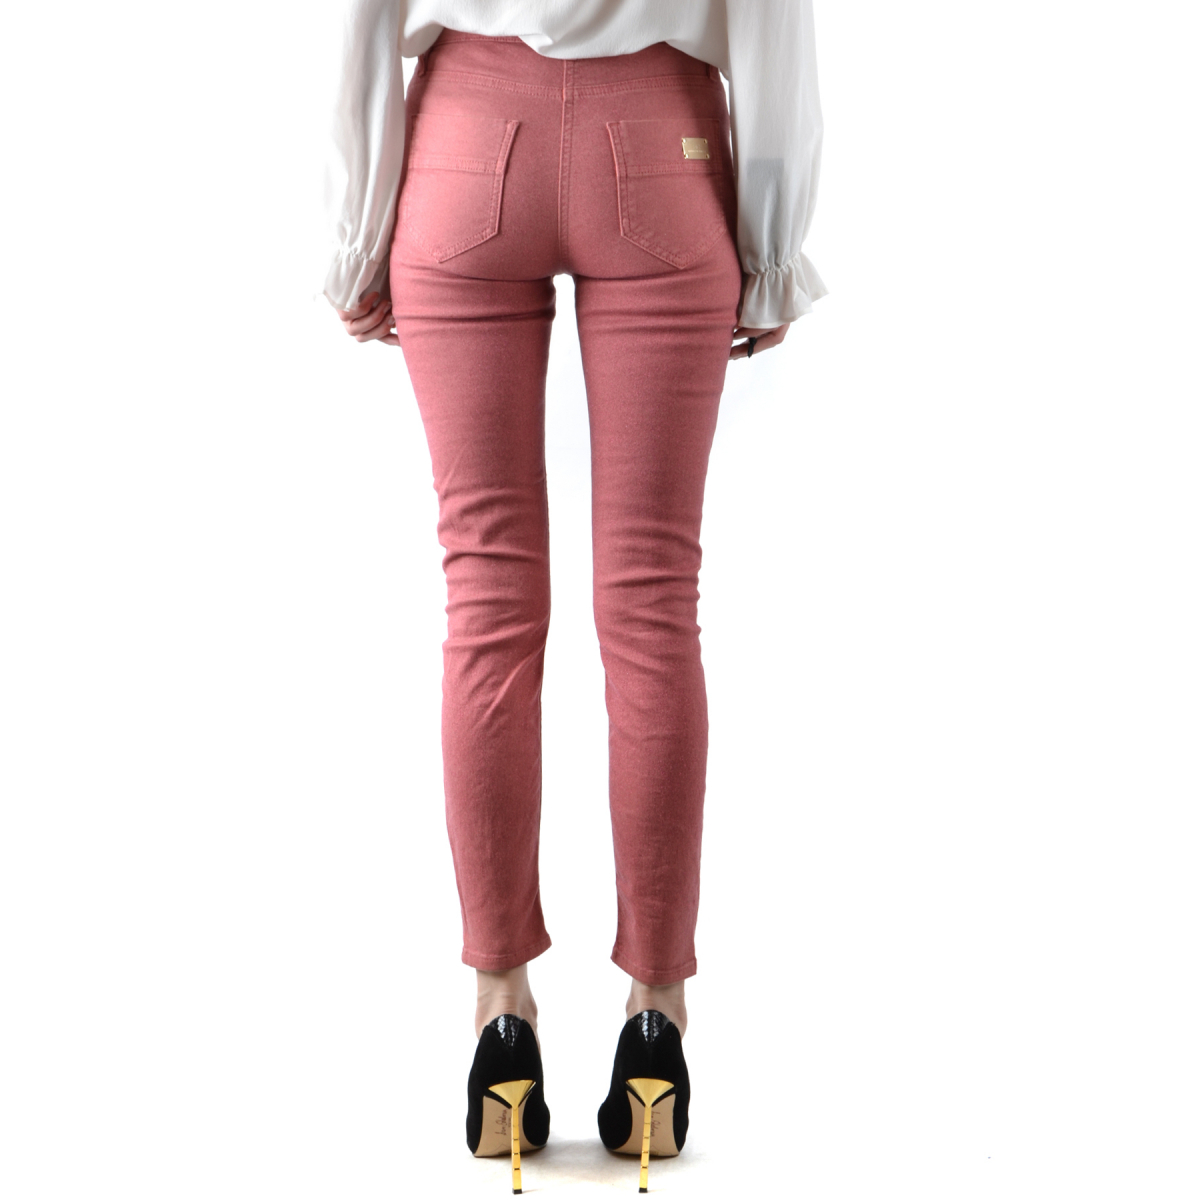 sale retailer bf4d0 96261 Jeans Elisabetta Franchi IC959 - Outlet Bicocca